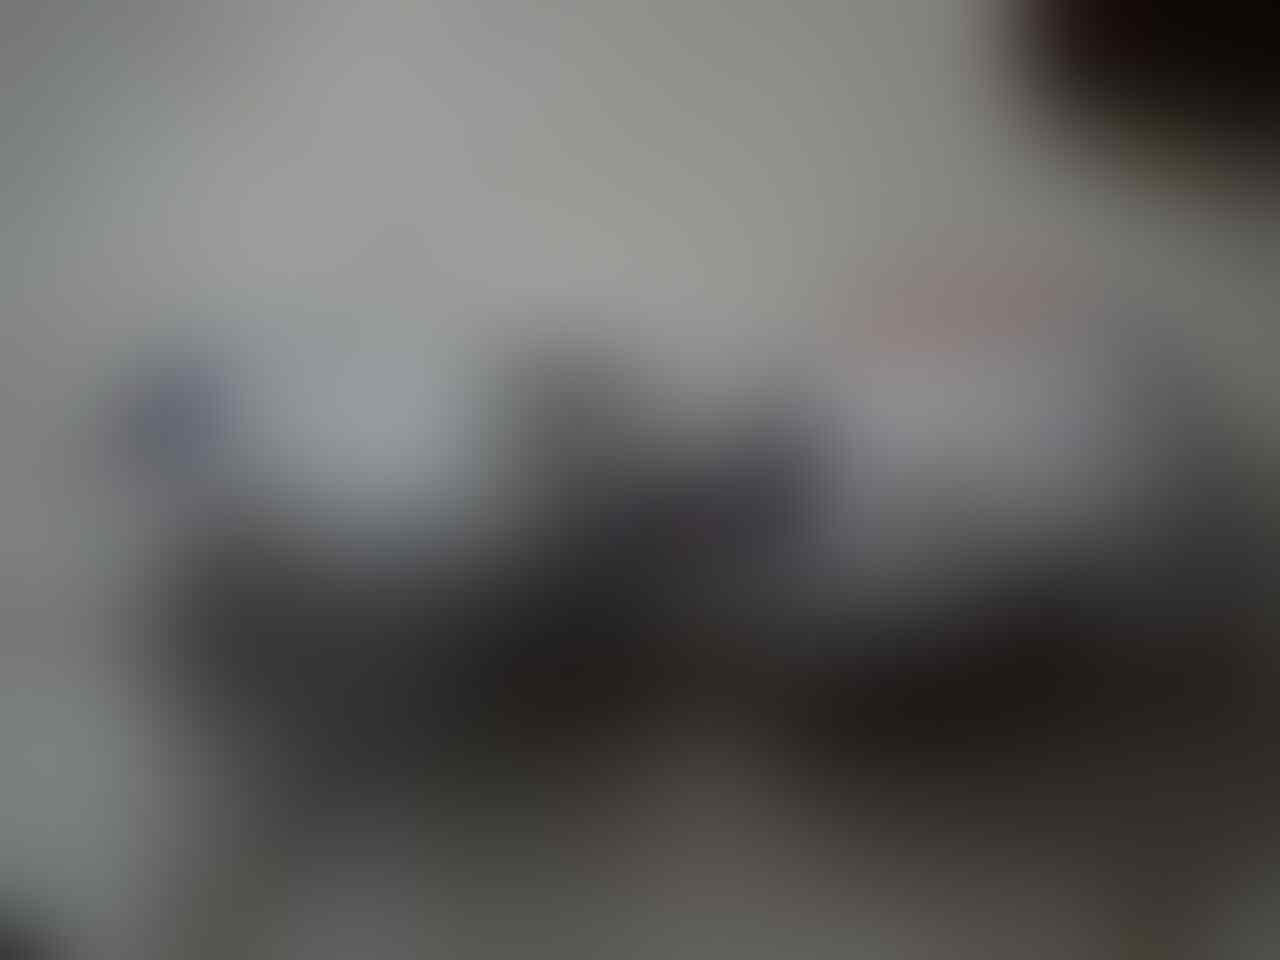 ██PUSAT SENTER POLICE SWAT TERMURAH & LENGKAP |SENTER Cree LED|SENTER SEPEDA|T6|XML██